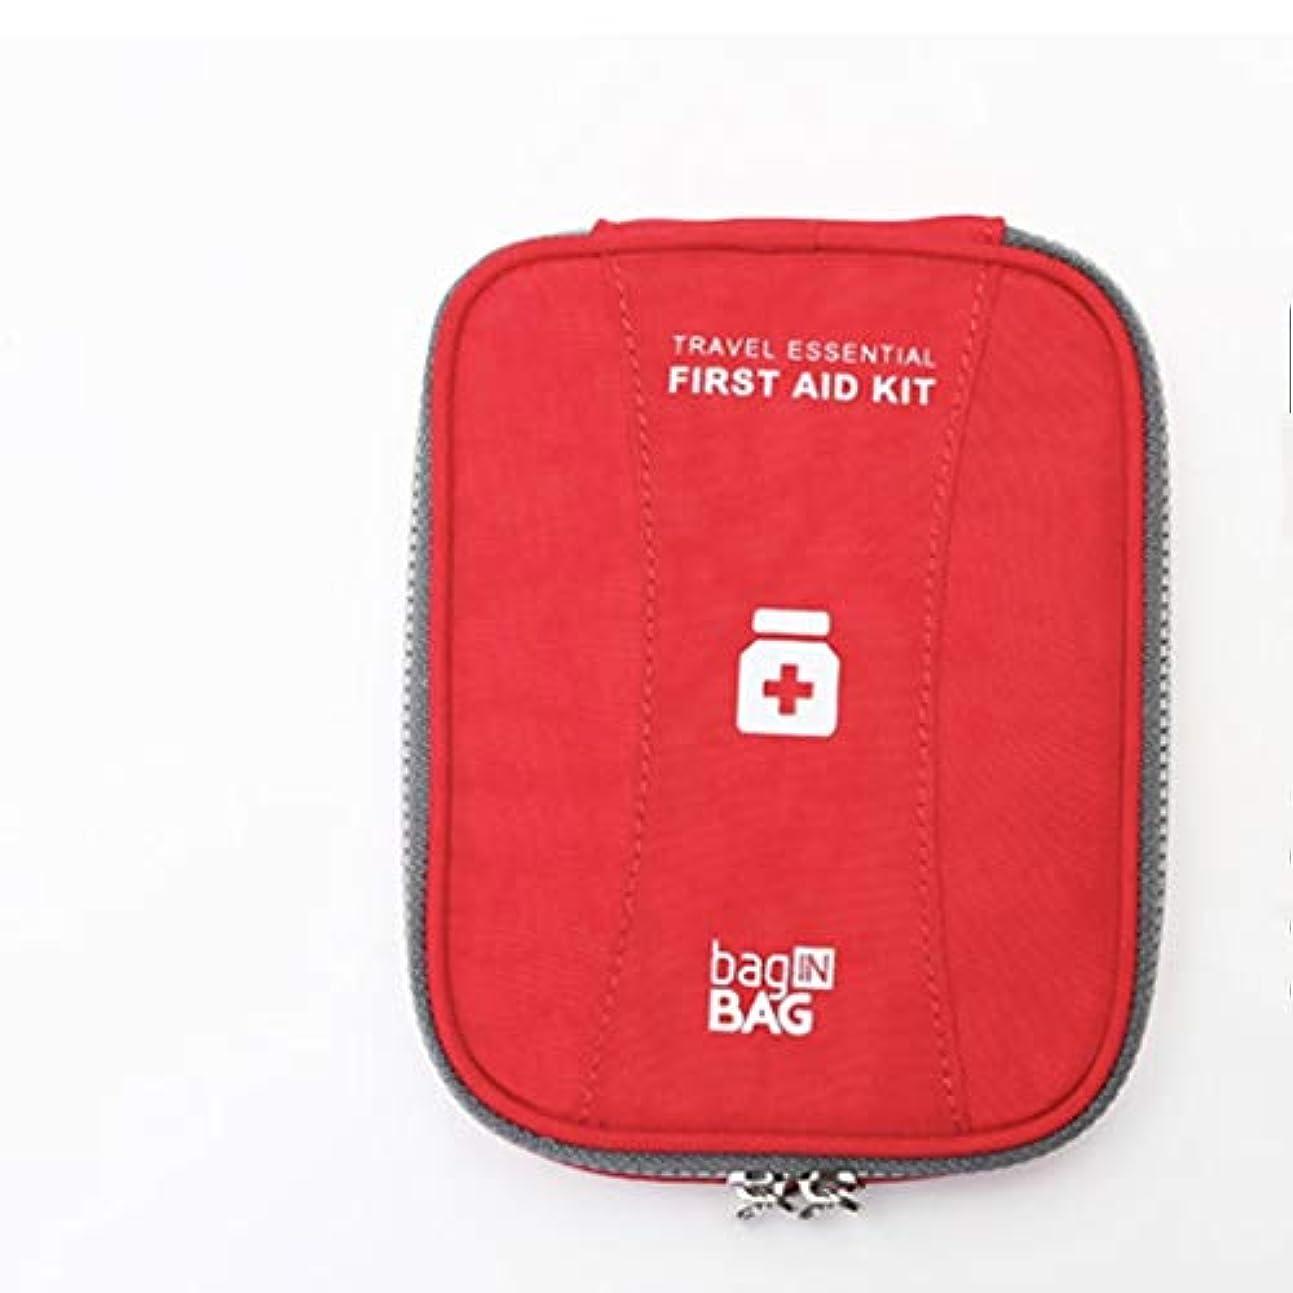 更新する楽しい後ろに医療用キット ミニ薬箱ポータブル救急箱家庭用医療キット薬キット三色オプション QDDSP (Color : Red)